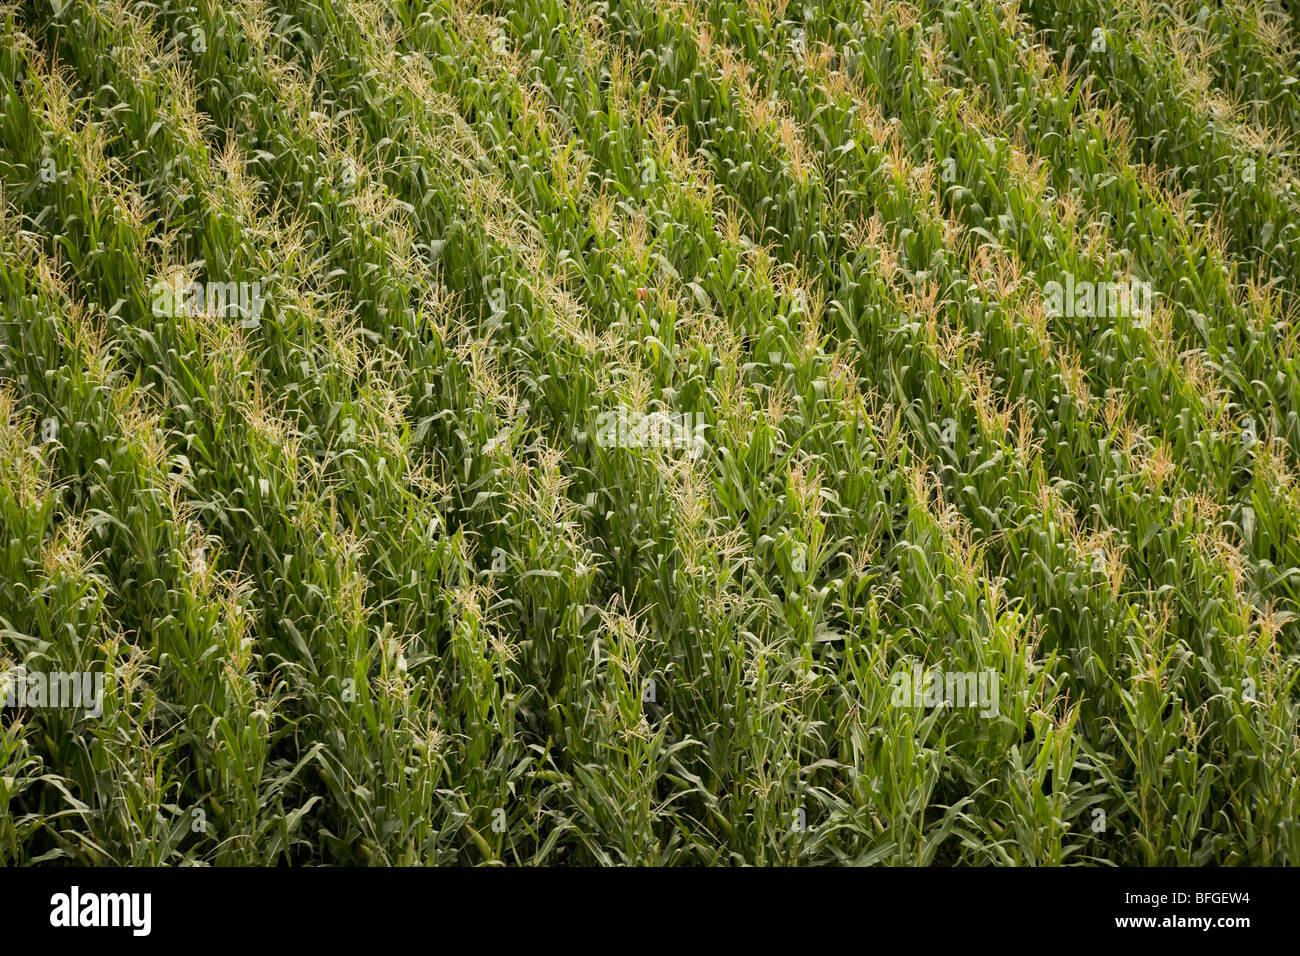 Vista aérea de un campo de maíz de maíz americano con borlas en verano. Nebraska, Great Plains, EE.UU. Imagen De Stock